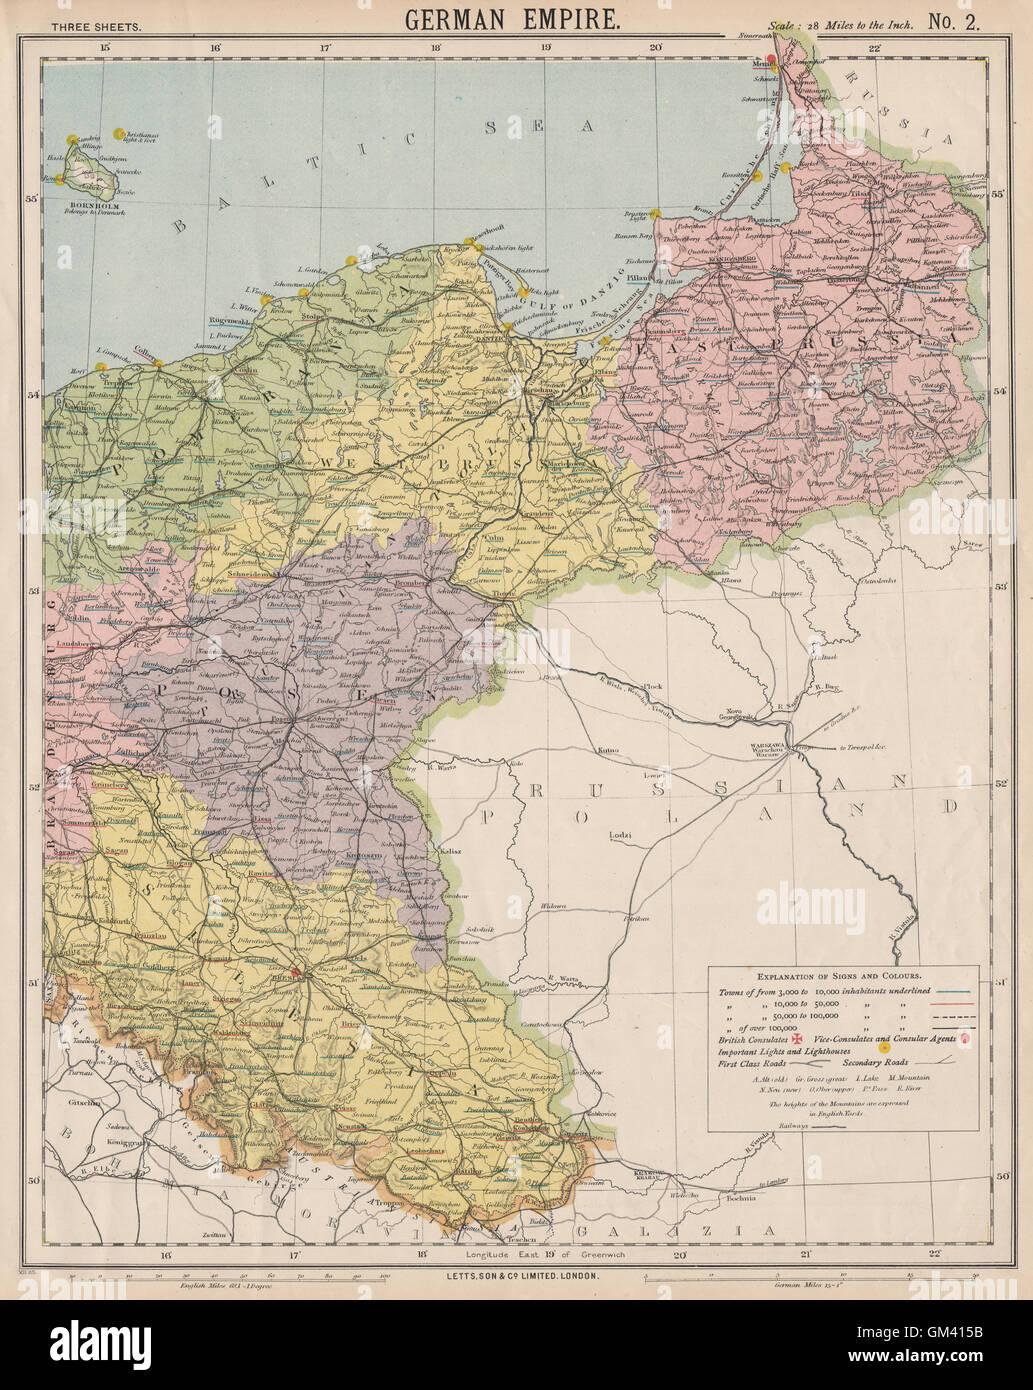 Polen Schlesien Karte.Osten Deutsches Reich Preußen Polen Posen Schlesien Pommern Letts